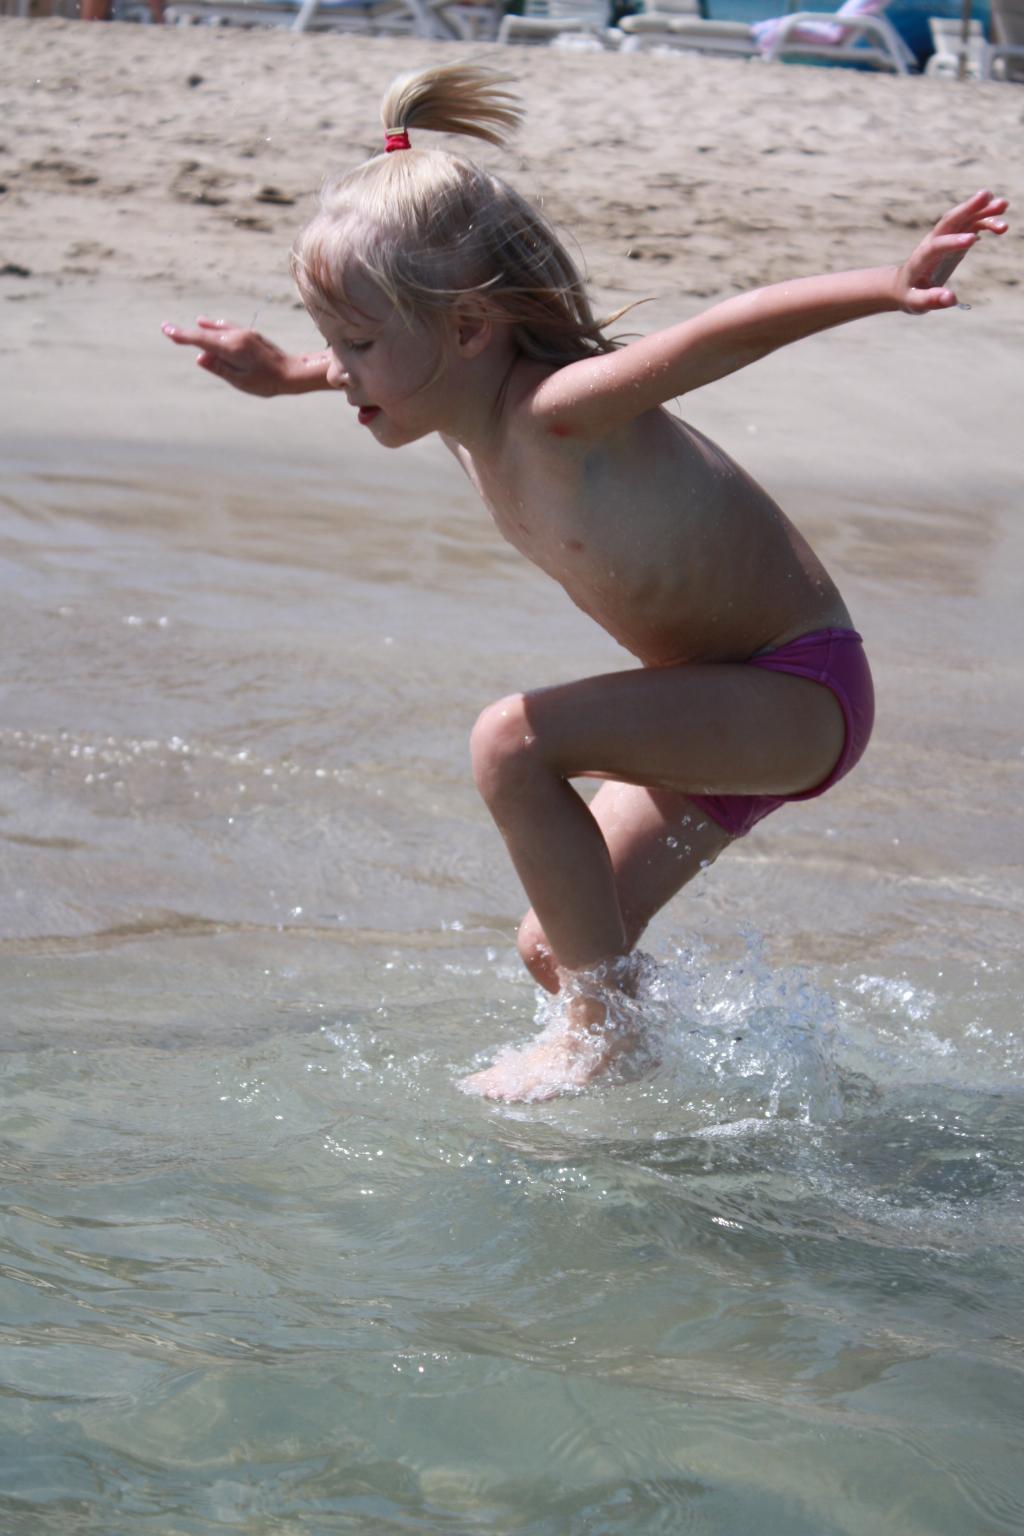 Как птица по волнам!. По морям, по волнам...